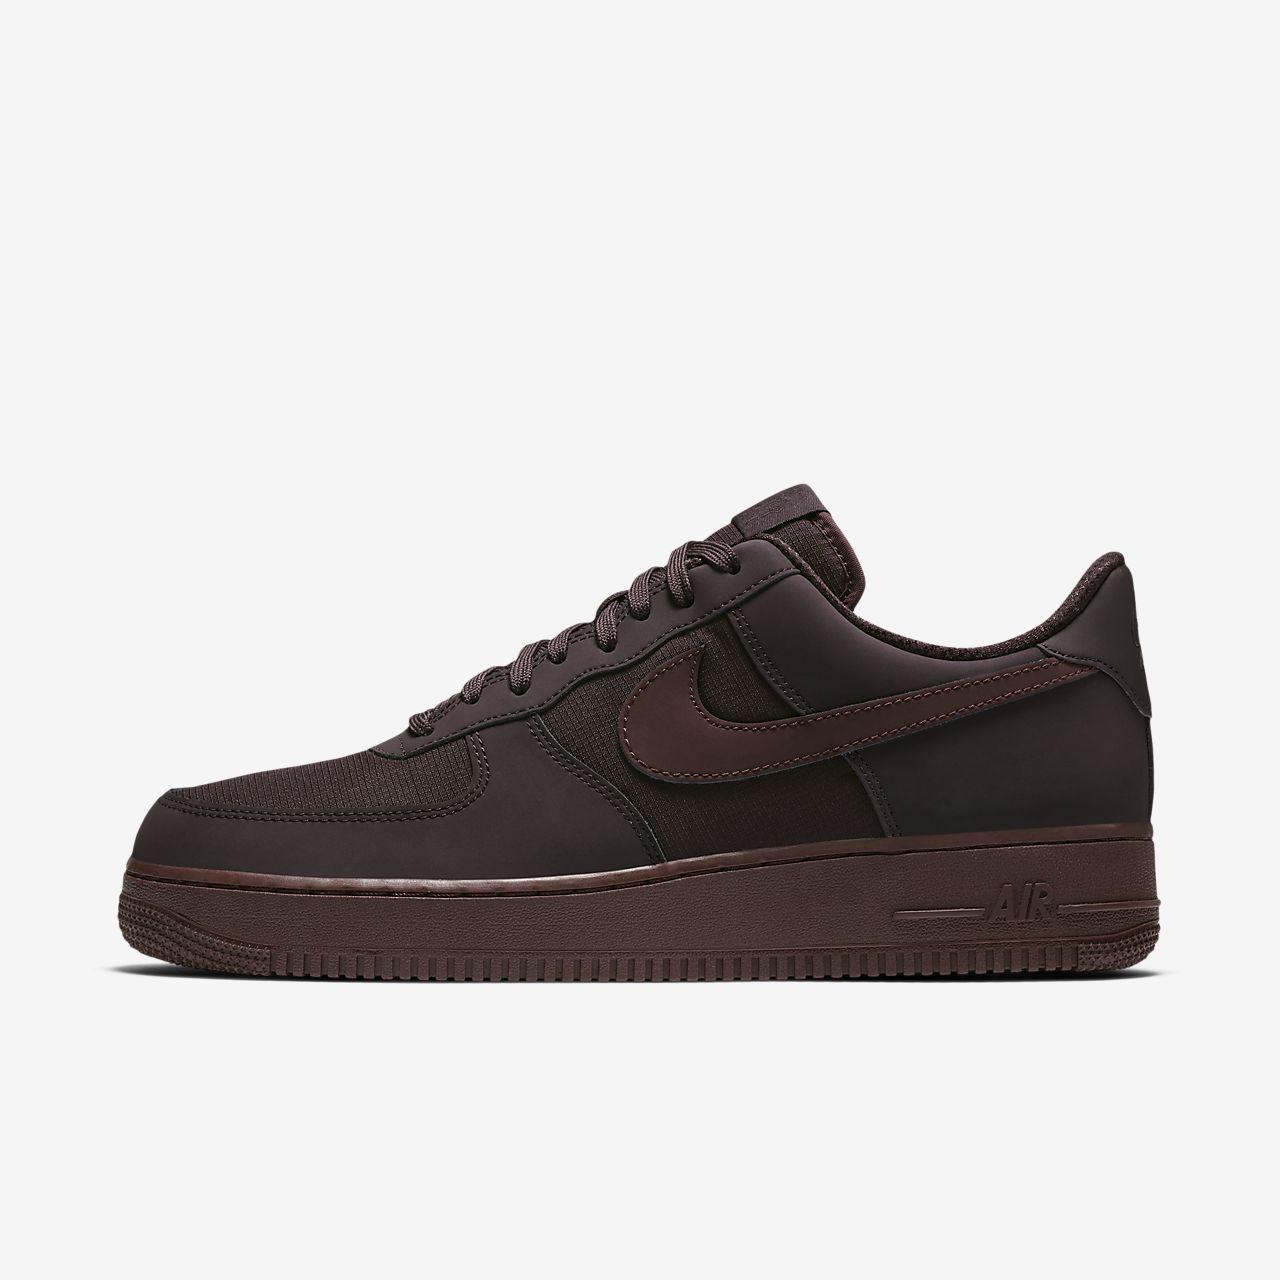 pretty nice 5c0e5 6ae25 Calzado para hombre Nike Air Force 1  07